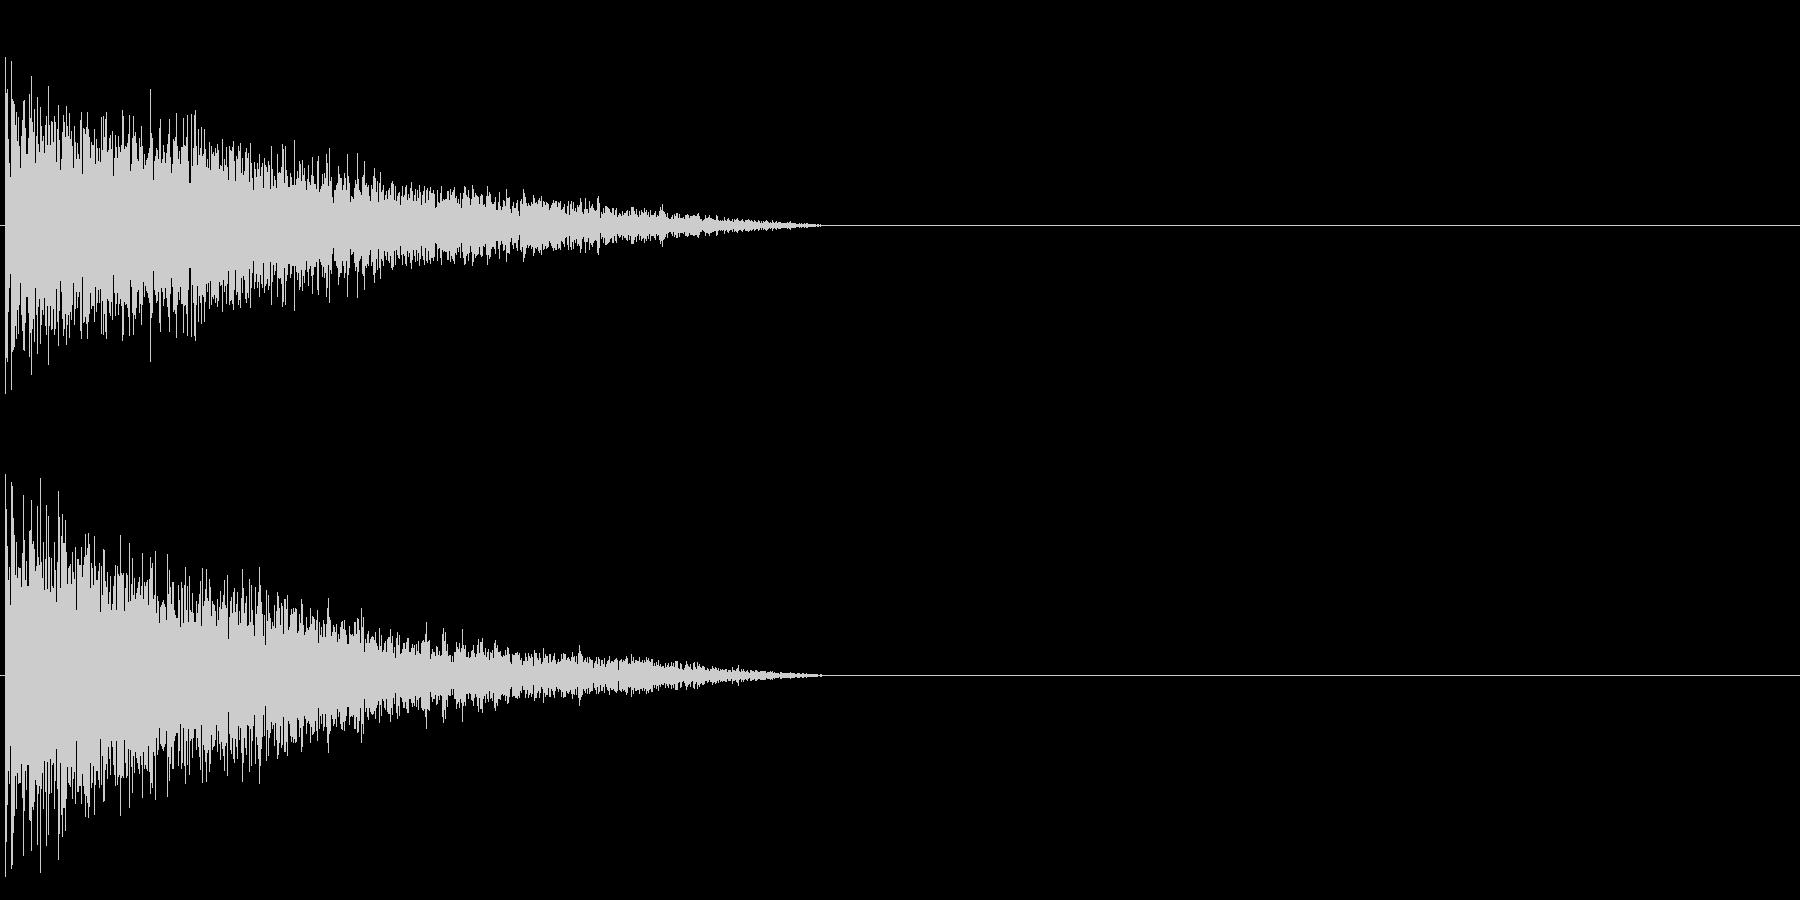 ビーーン! 金属的な響きの未再生の波形